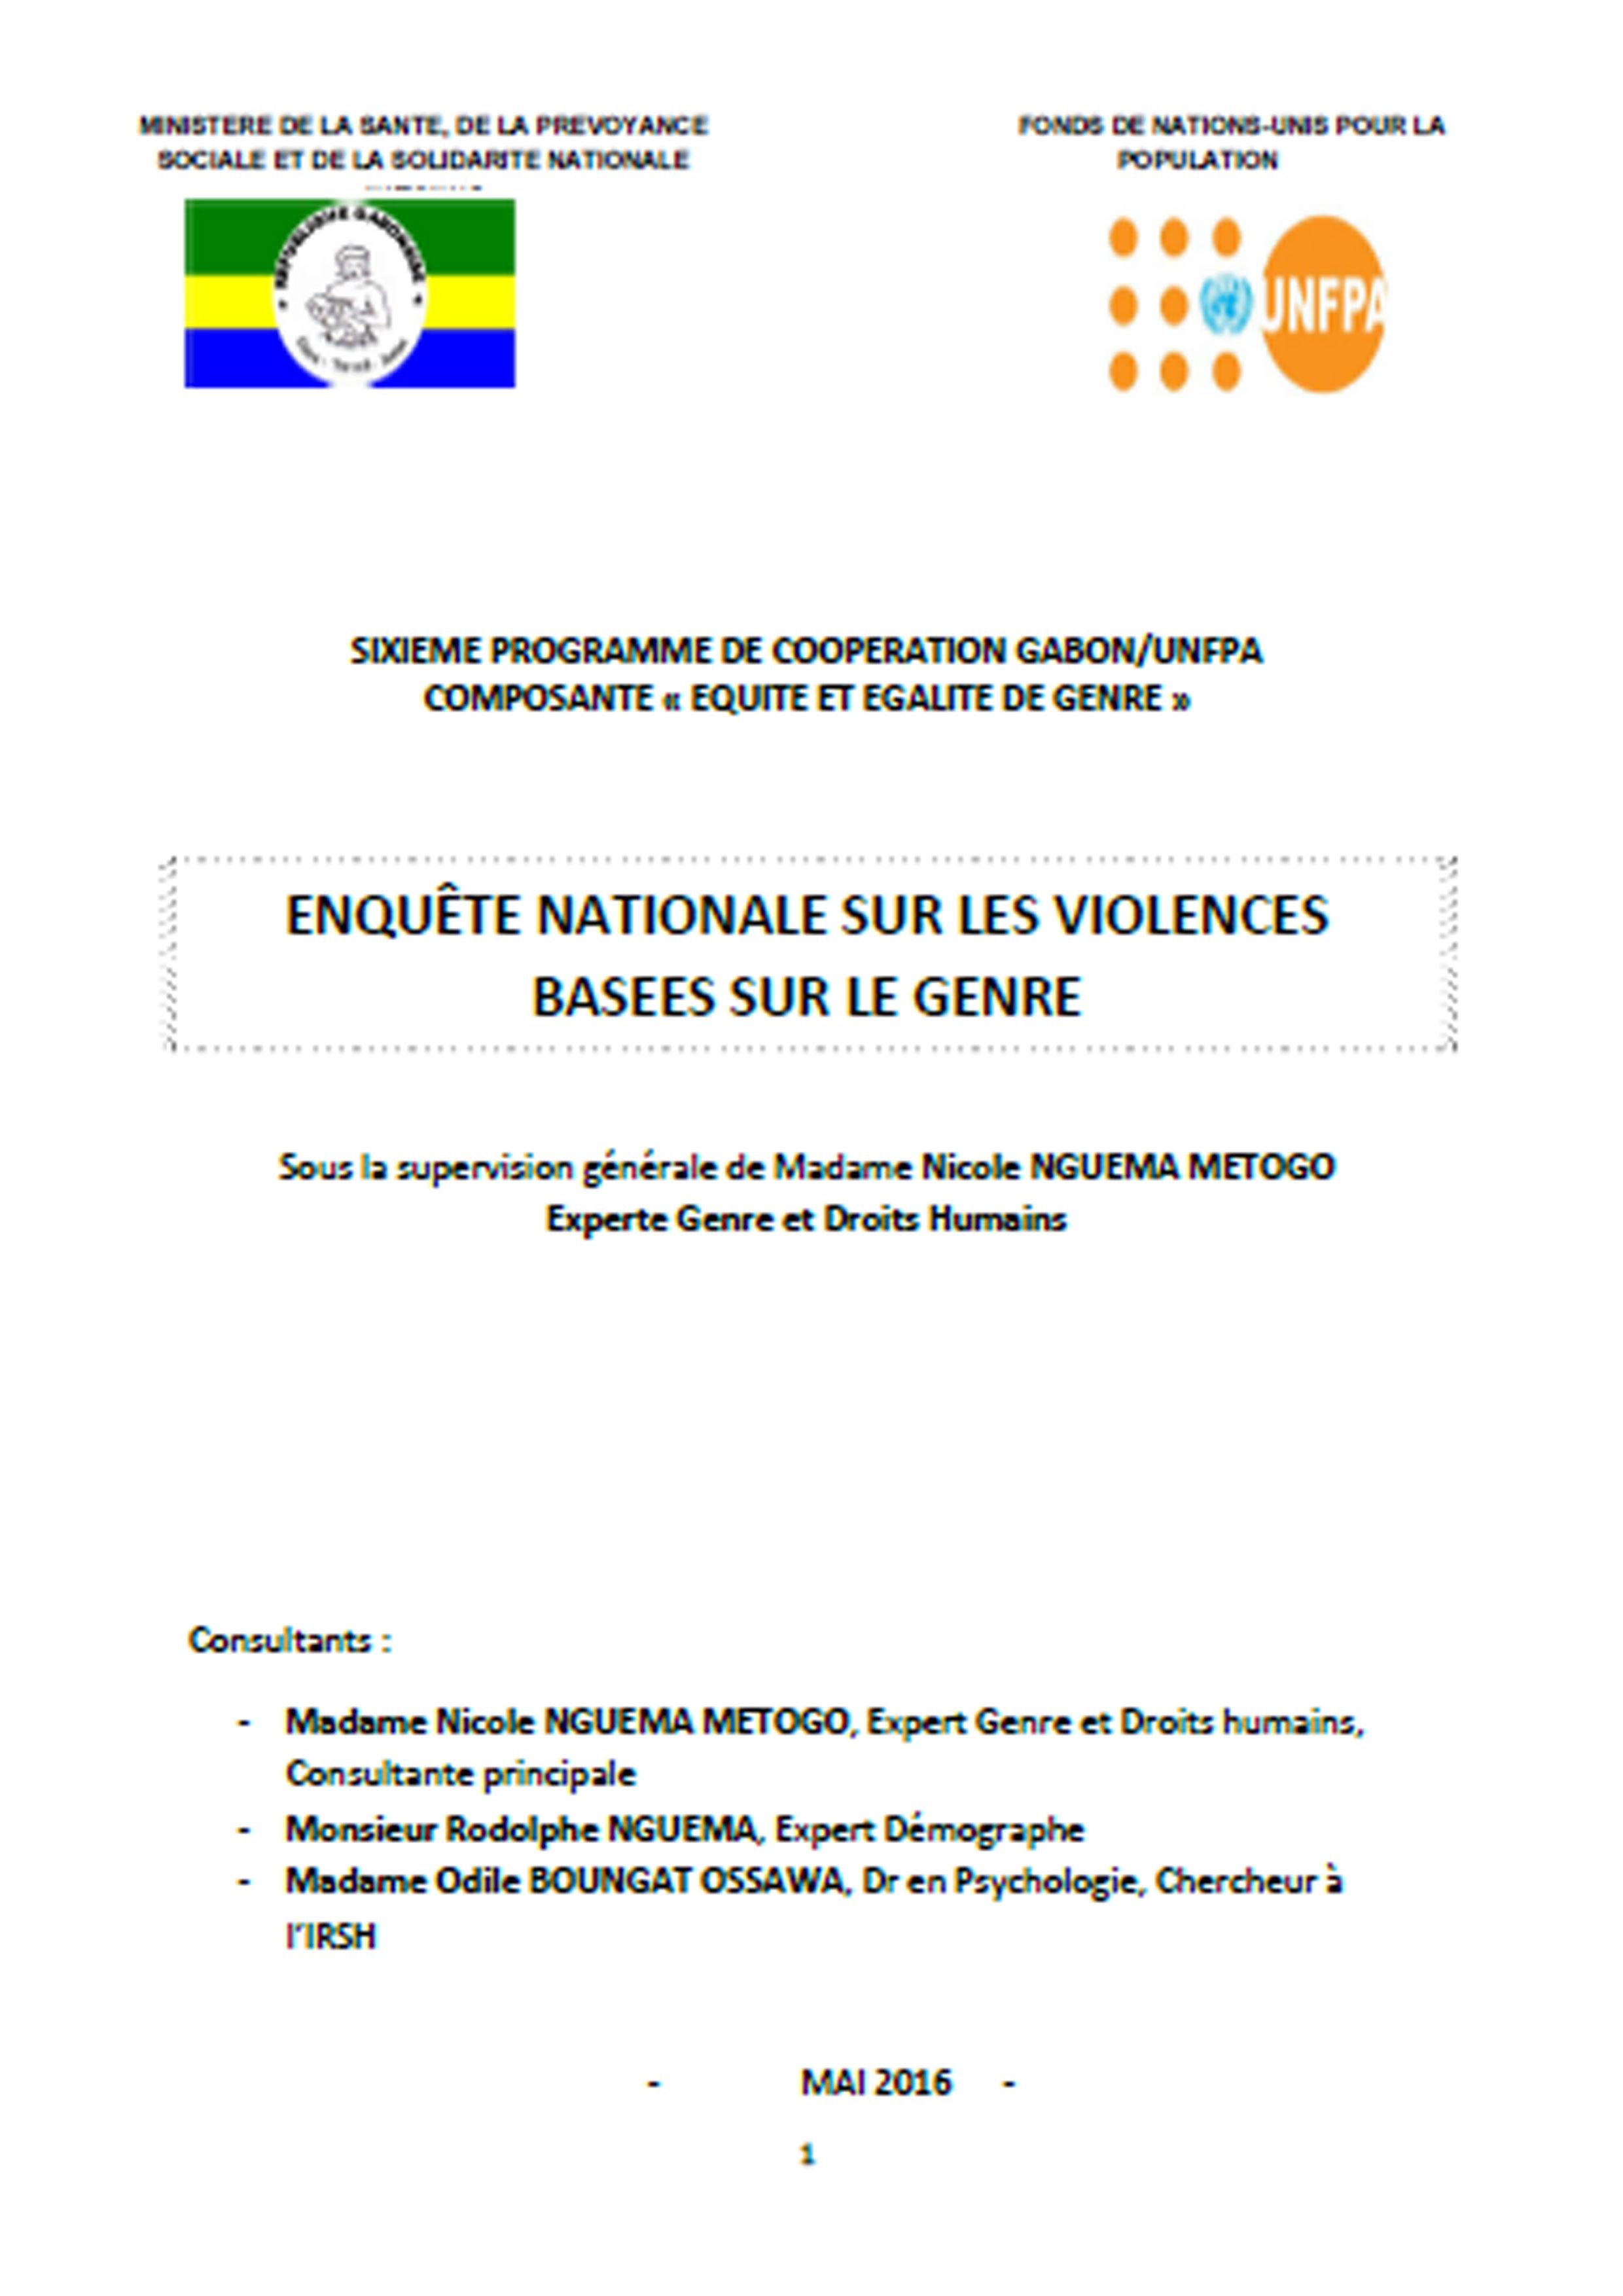 ENQUÊTE NATIONALE SUR LES VIOLENCES BASEES SUR LE GENRE